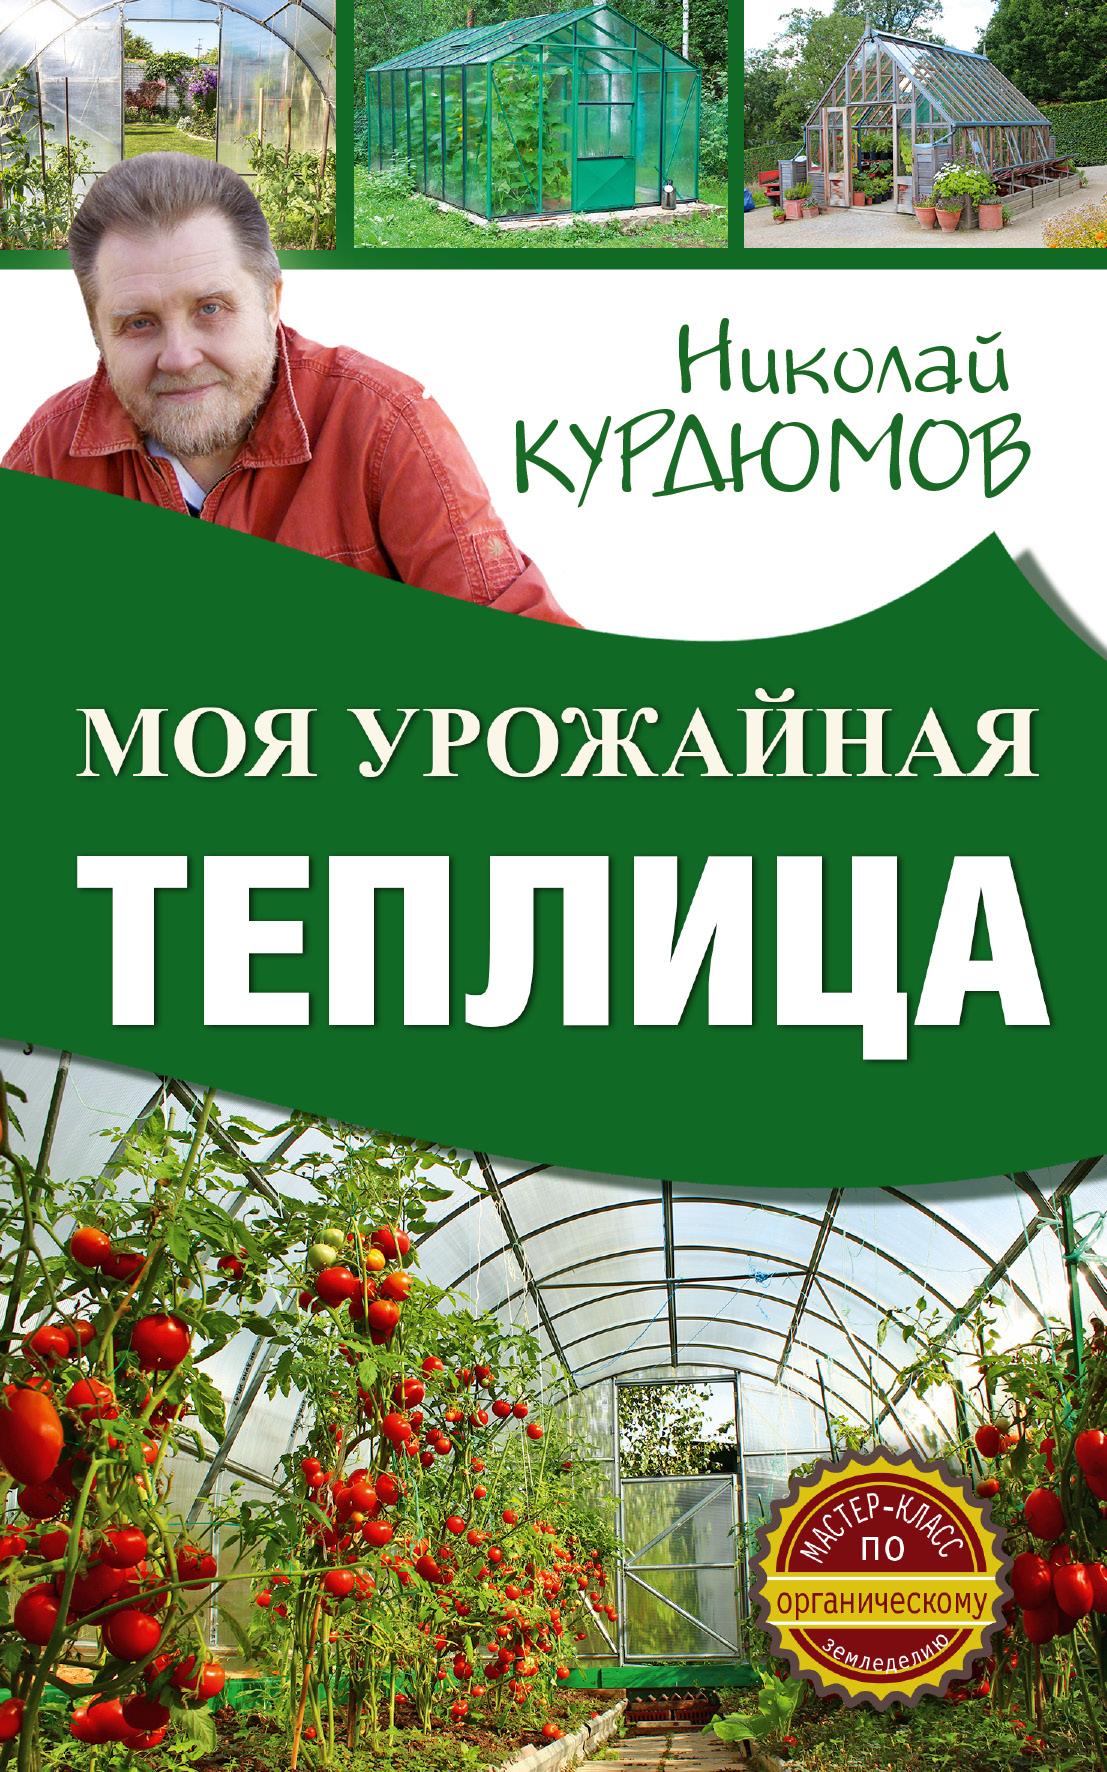 Курдюмов Н.И. Моя урожайная теплица курдюмов николай иванович курдюмов дачнаяшкола моя урожайная теплица